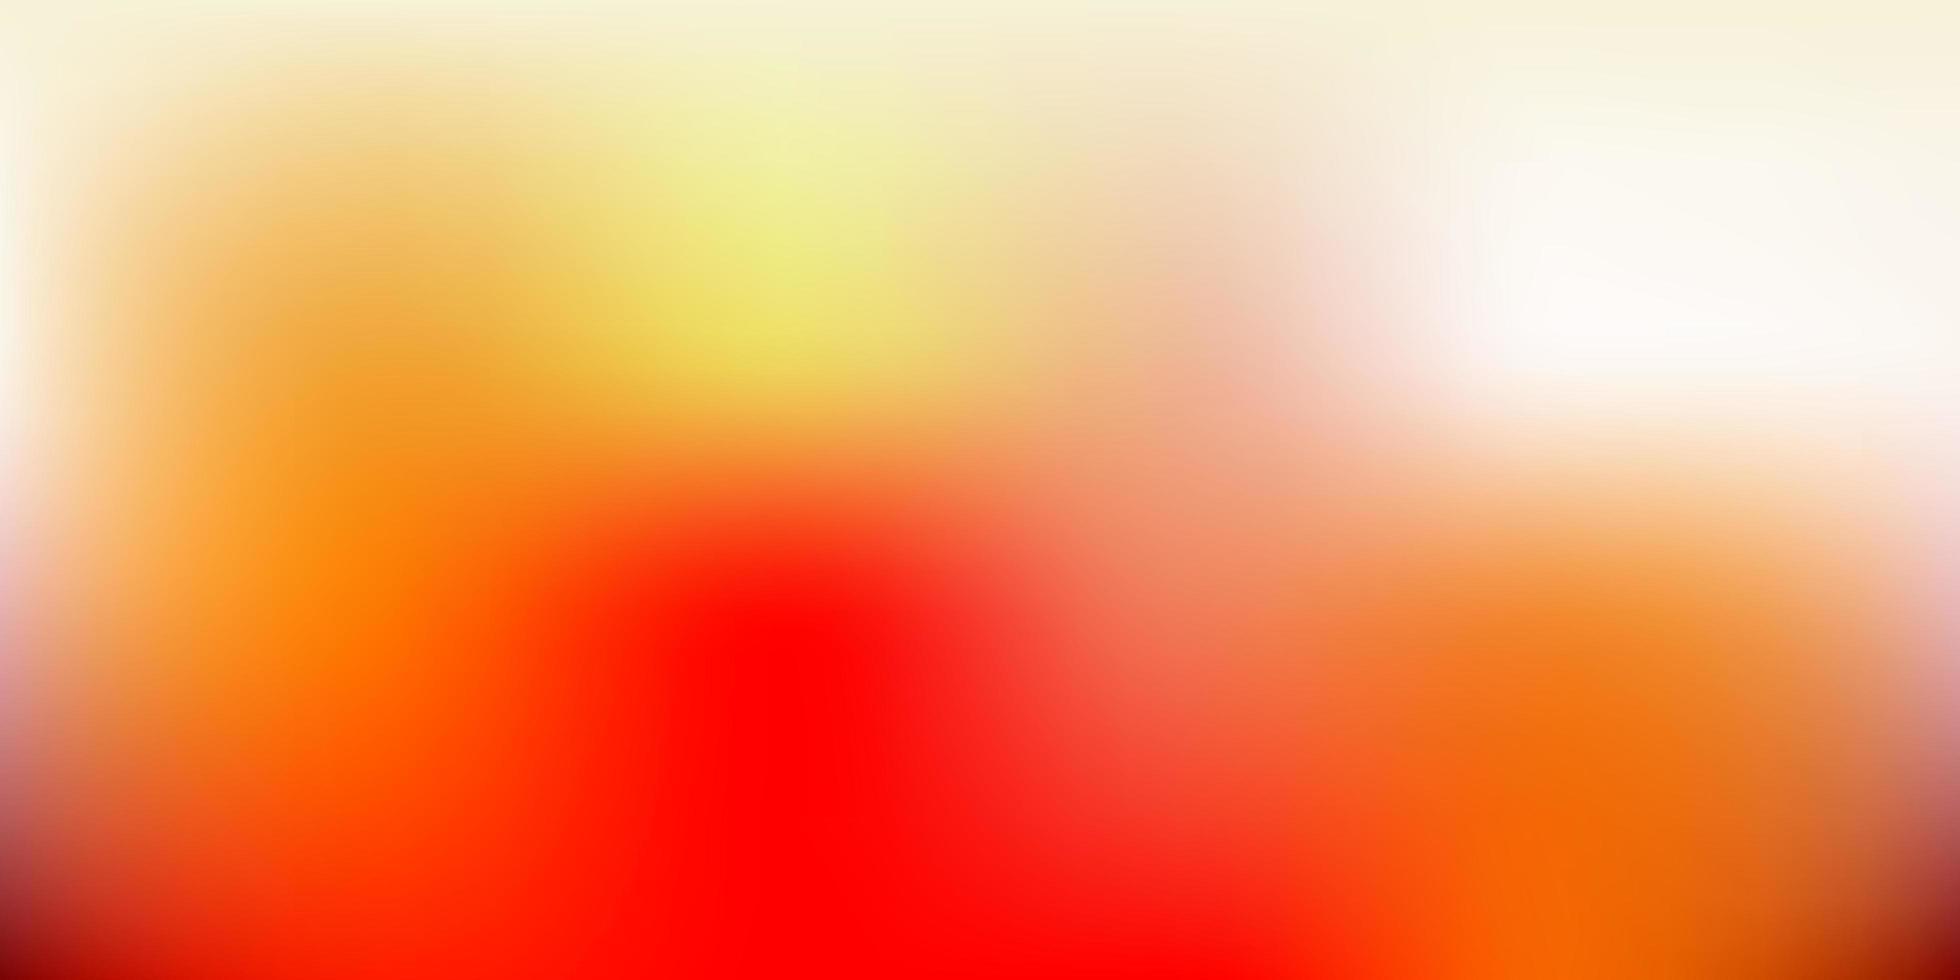 vetor laranja escuro fundo desfocado.